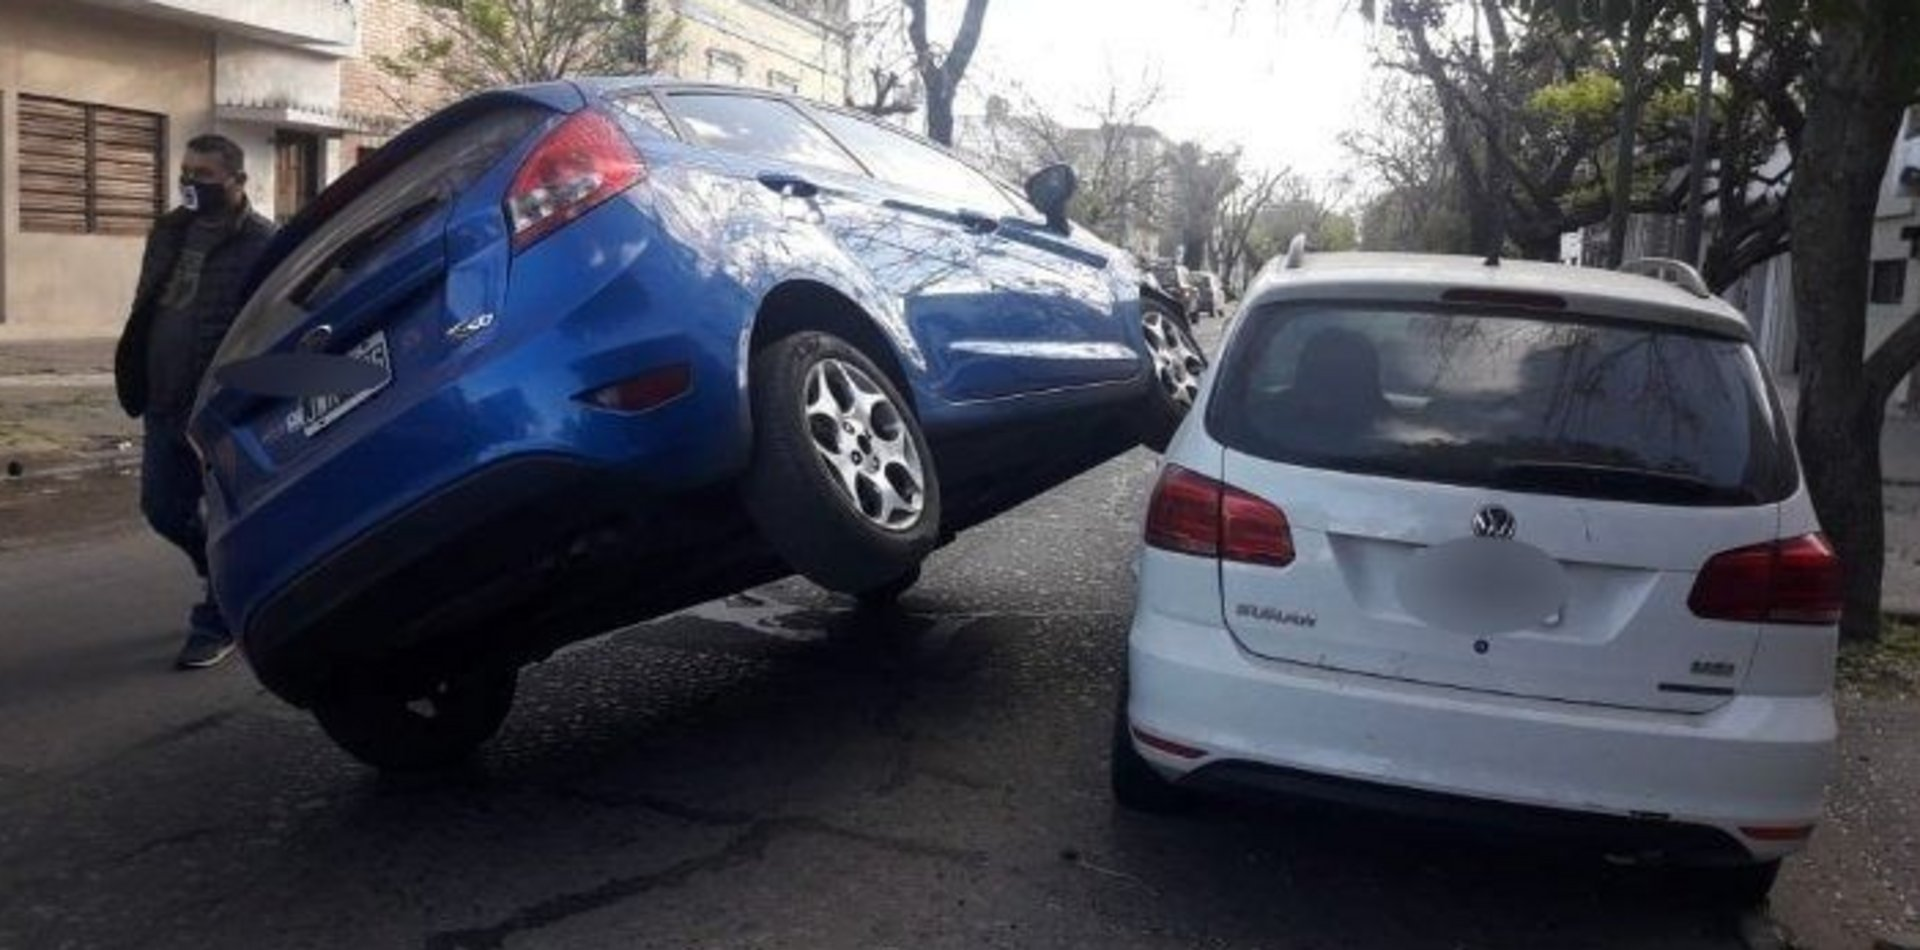 Insólito choque en un barrio de La Plata: un auto amaneció arriba de otro